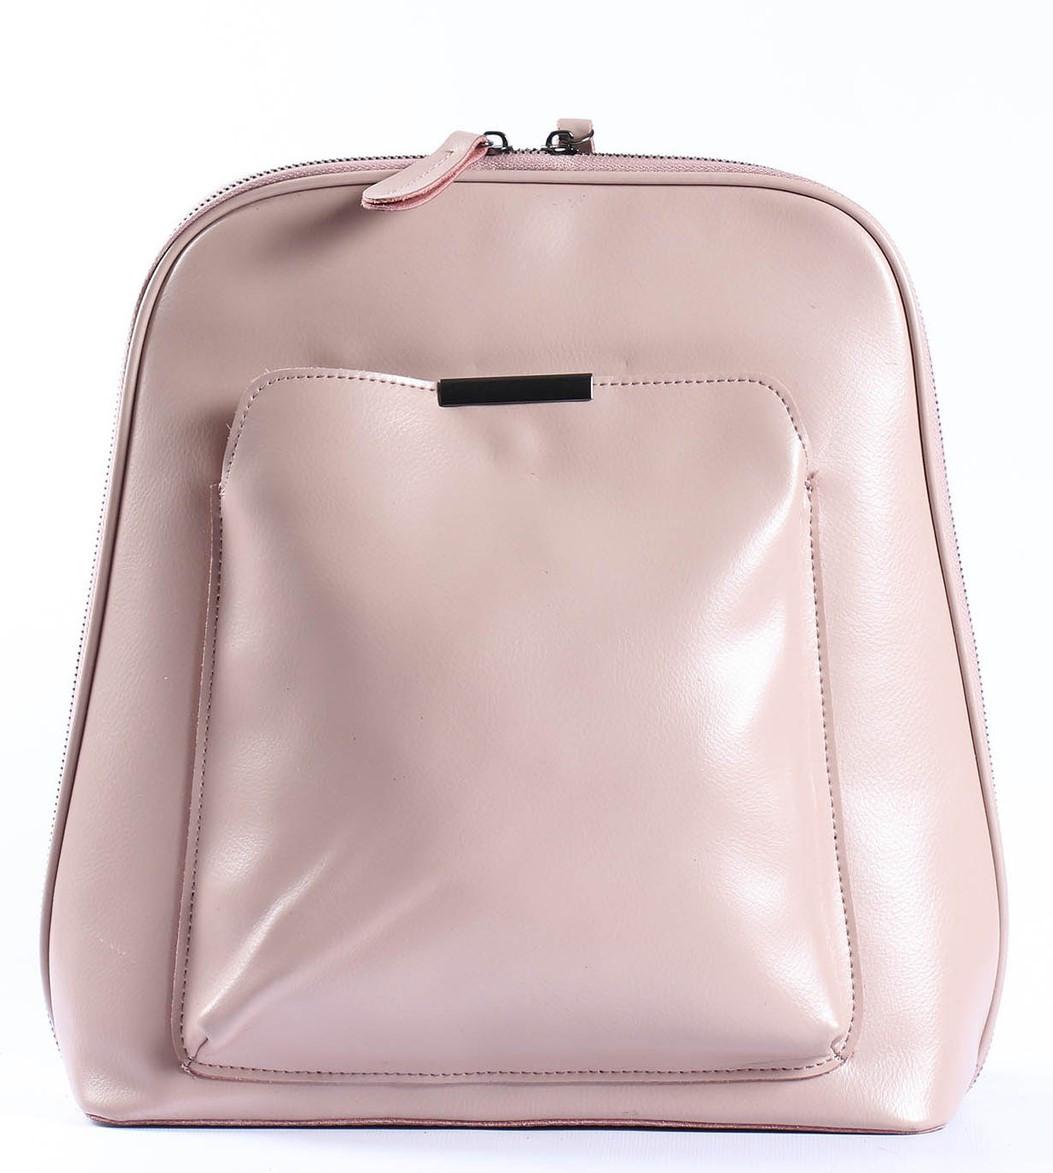 Жіночий шкіряний рюкзак-трансформер в ніжно-рожевому кольорі Tiding Bag - 05905